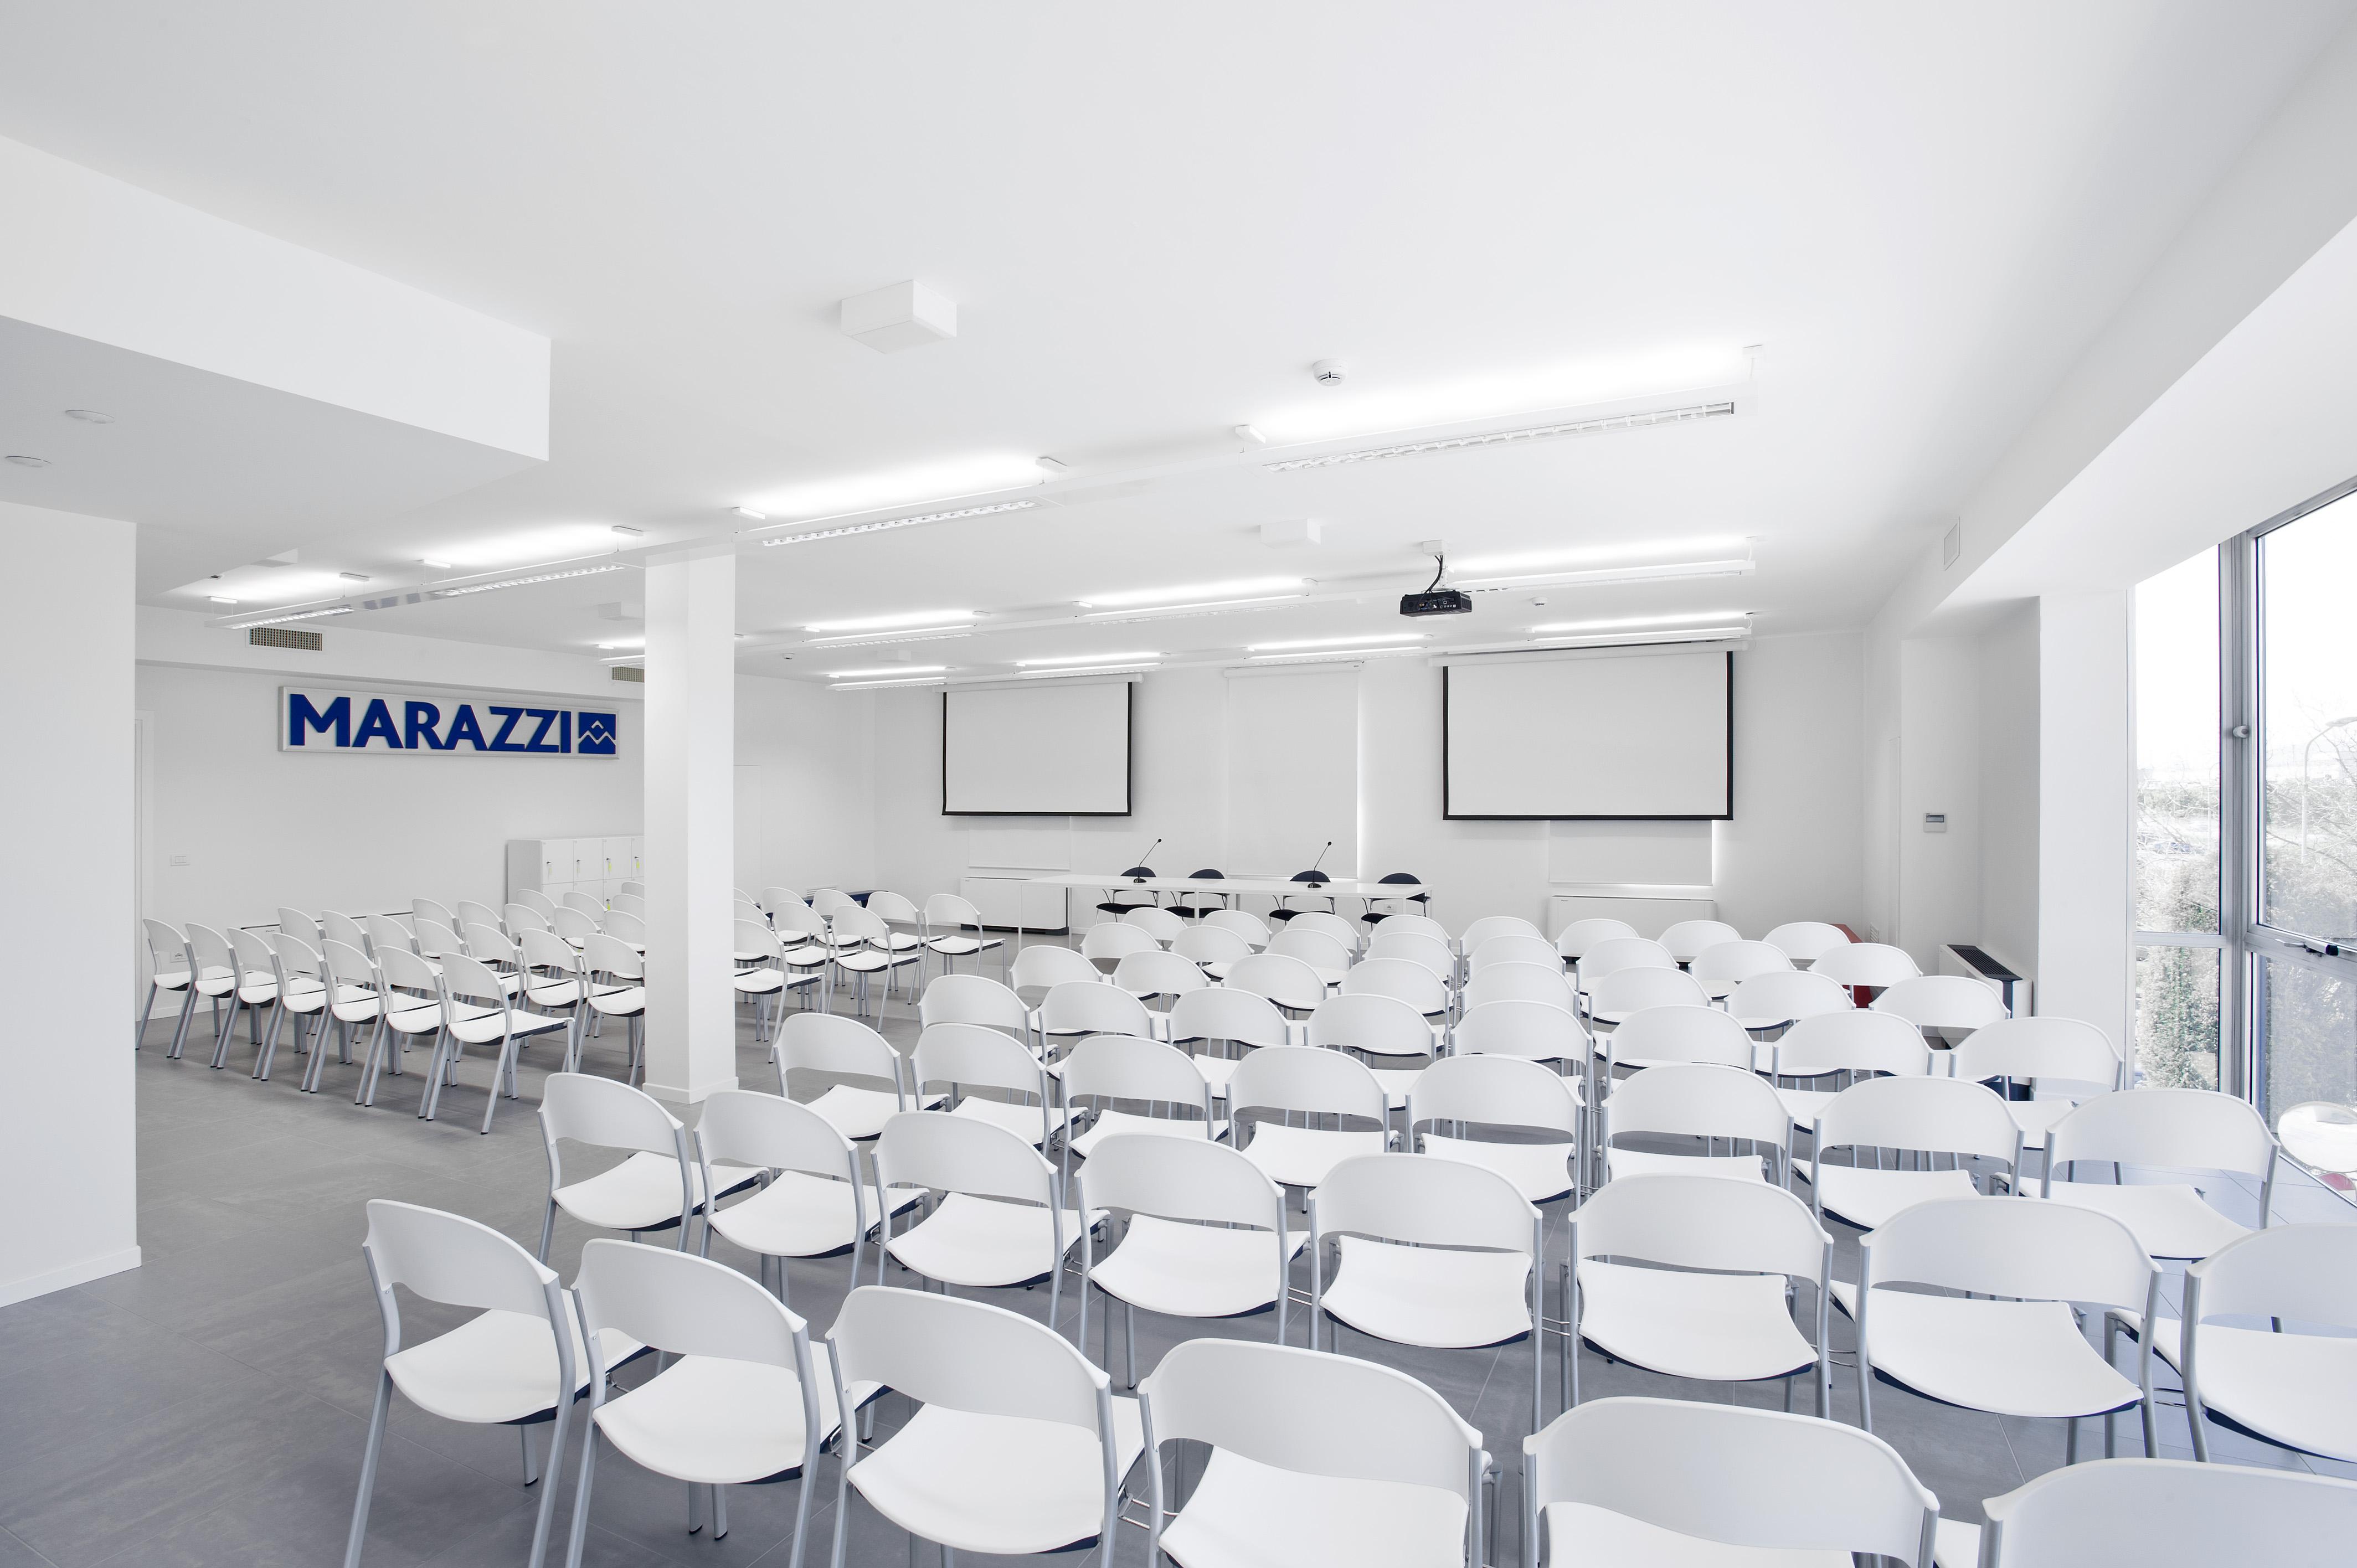 Centro di formazione, Marazzi Academy